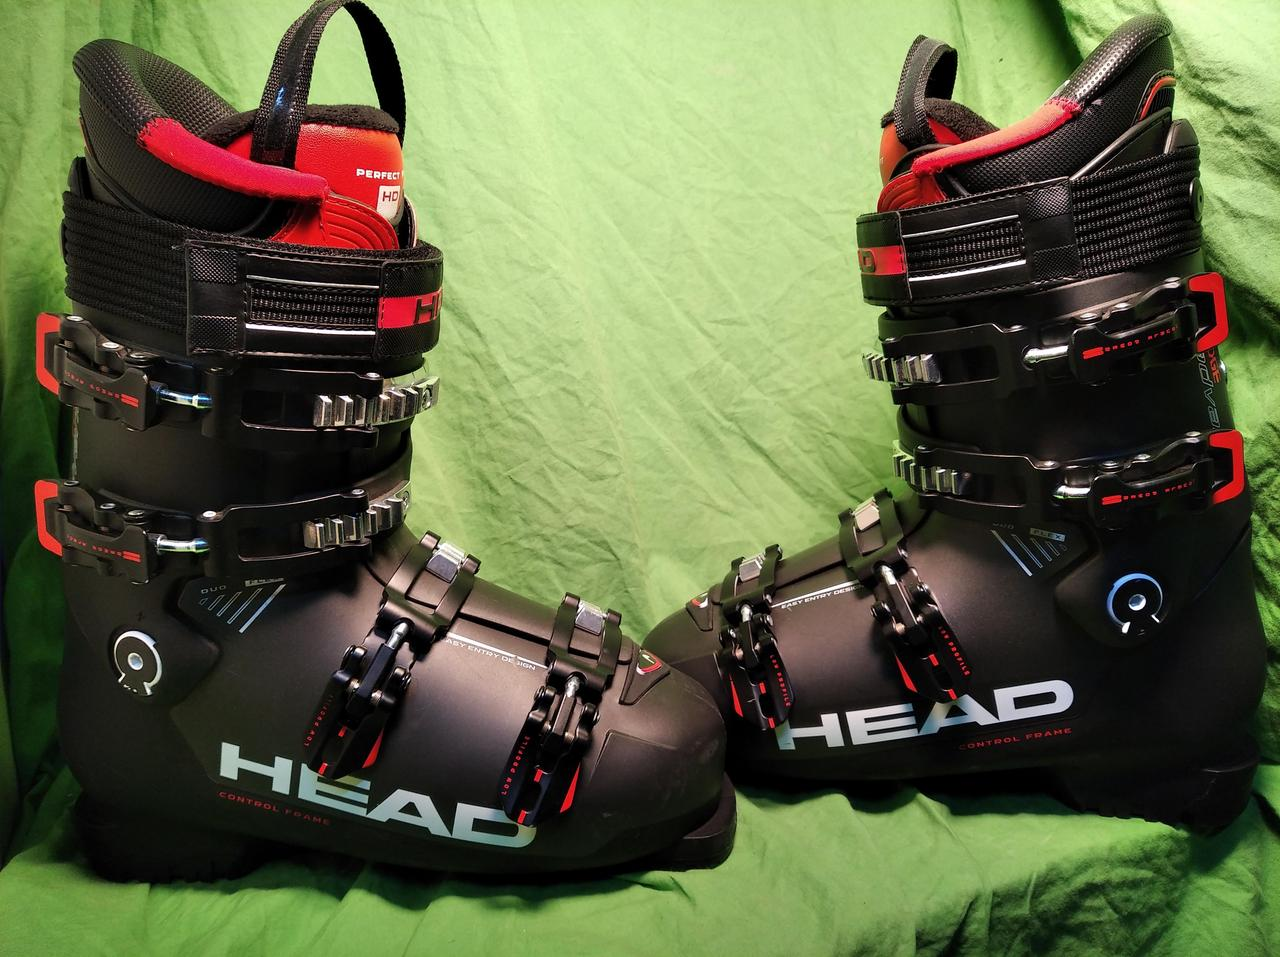 Гірськолижні черевики Head edge advant 95 27.5 см